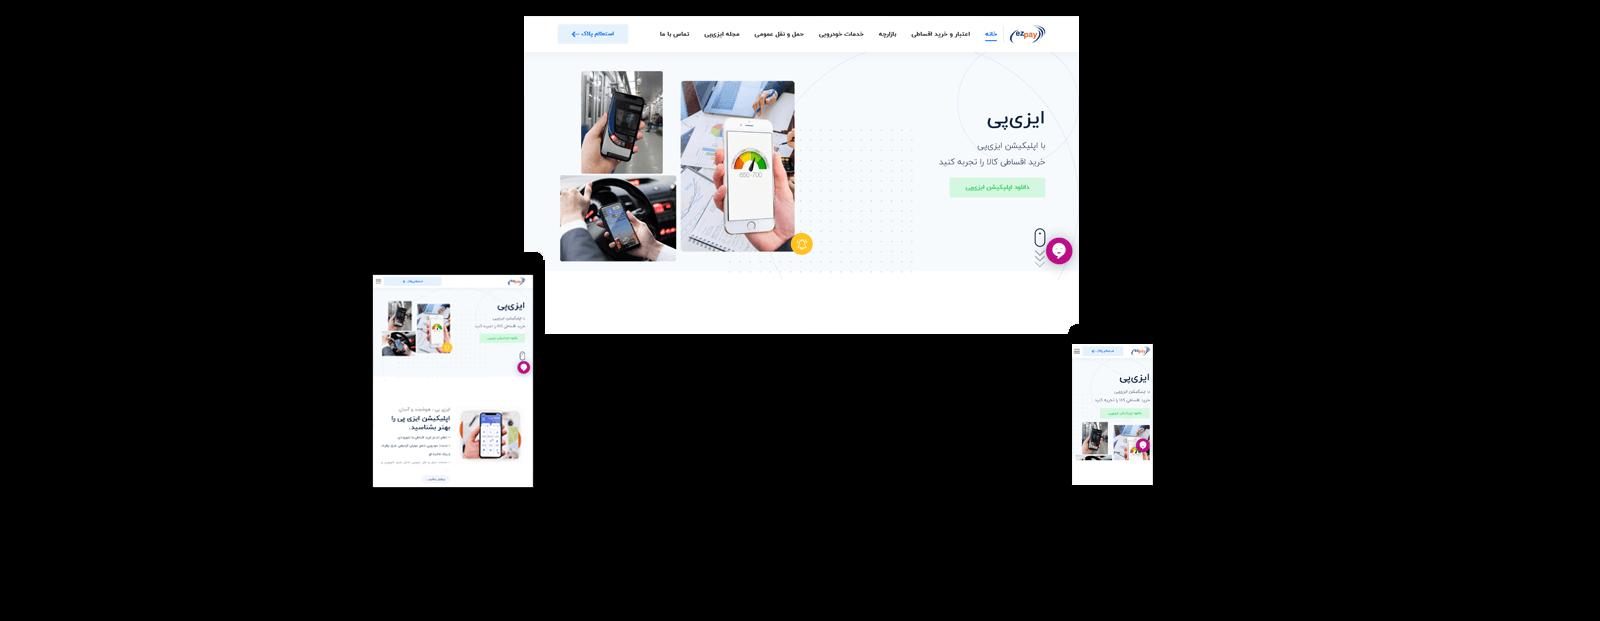 طراحی سایت درگاه پرداخت واسط